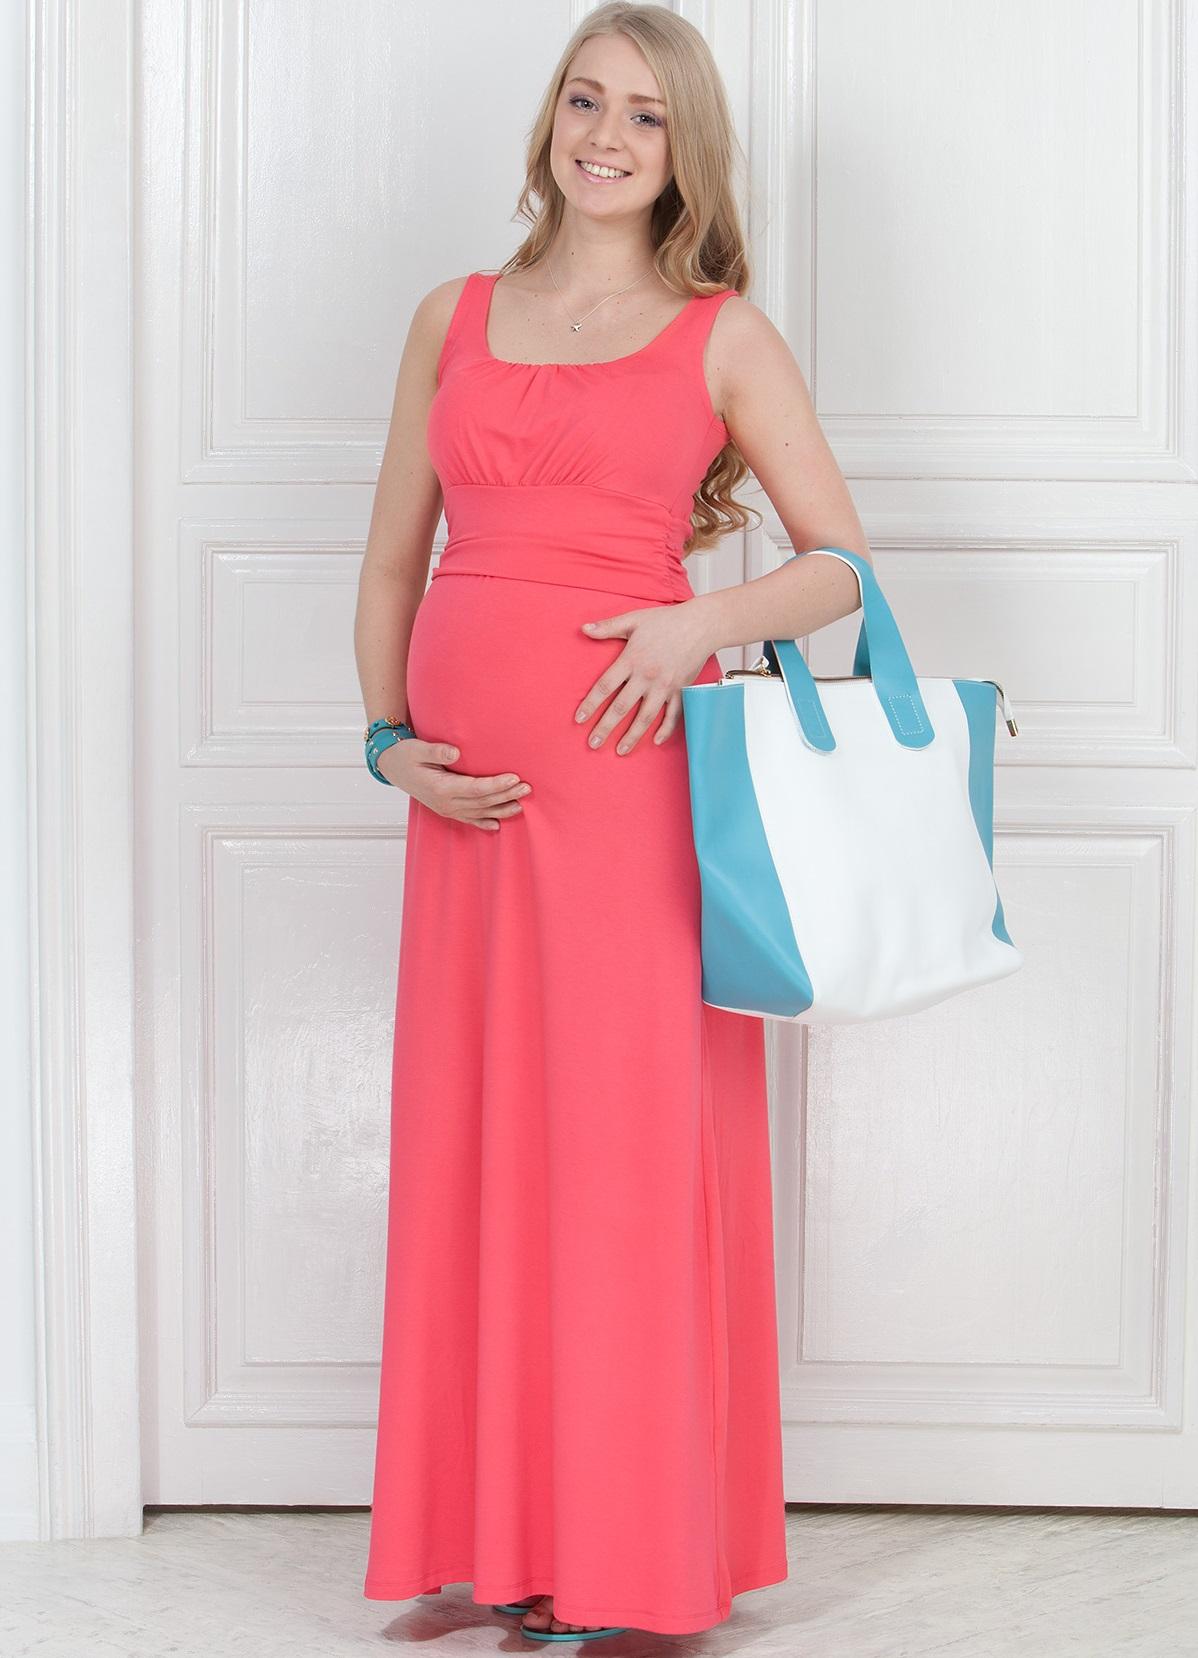 a8676b16bc87b75 длинное летнее платье для беременных4, длинное летнее платье для  беременных5 ...